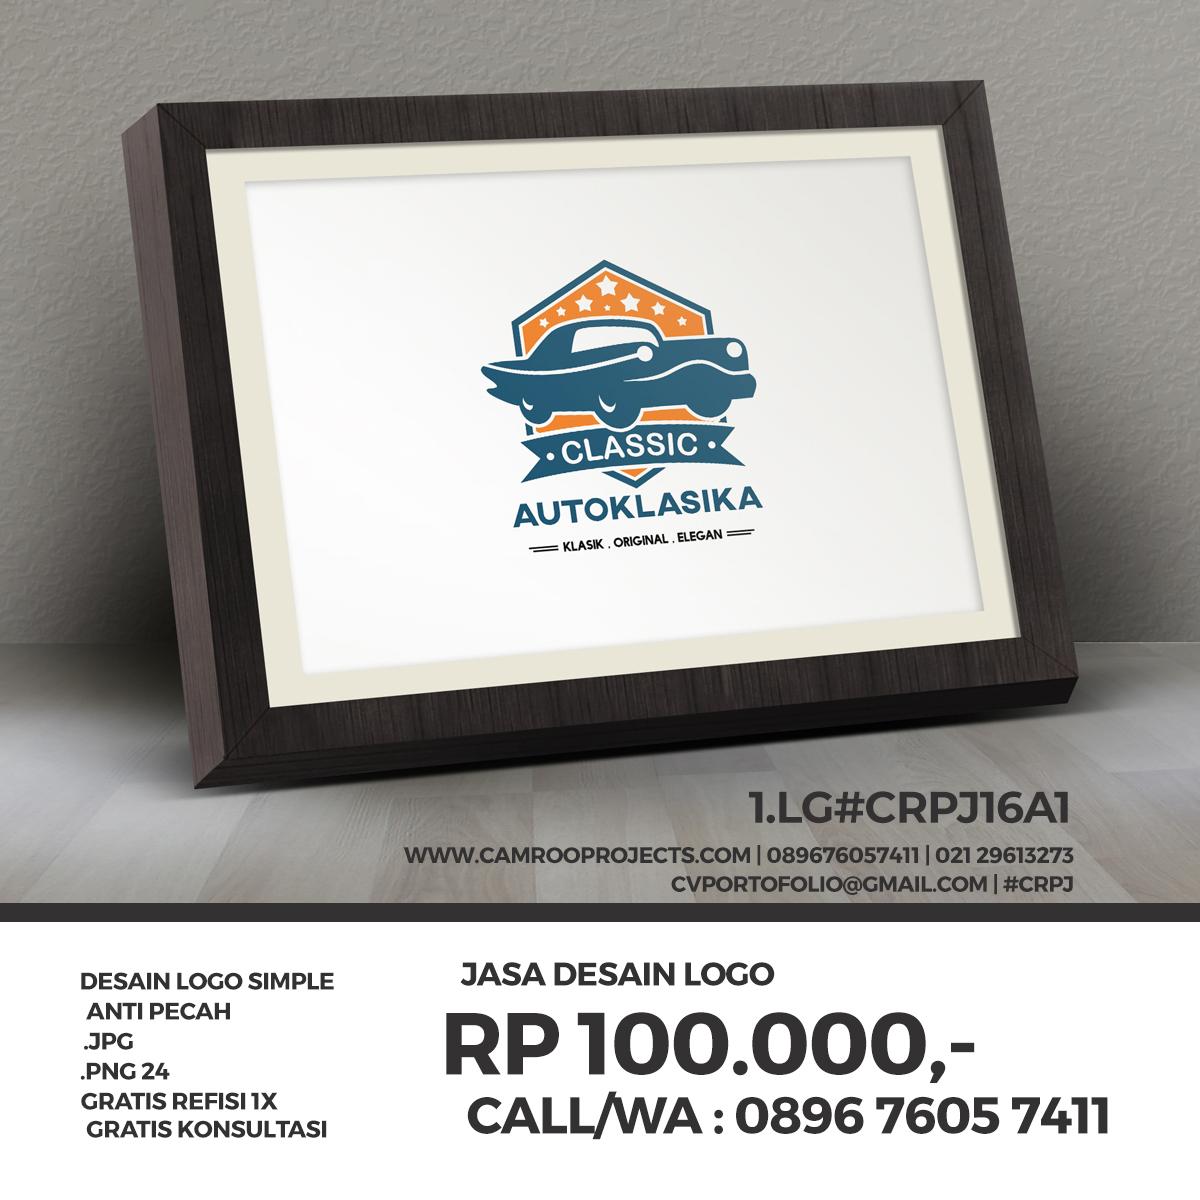 Harga Jasa Desain Grafis Murah di Bogor